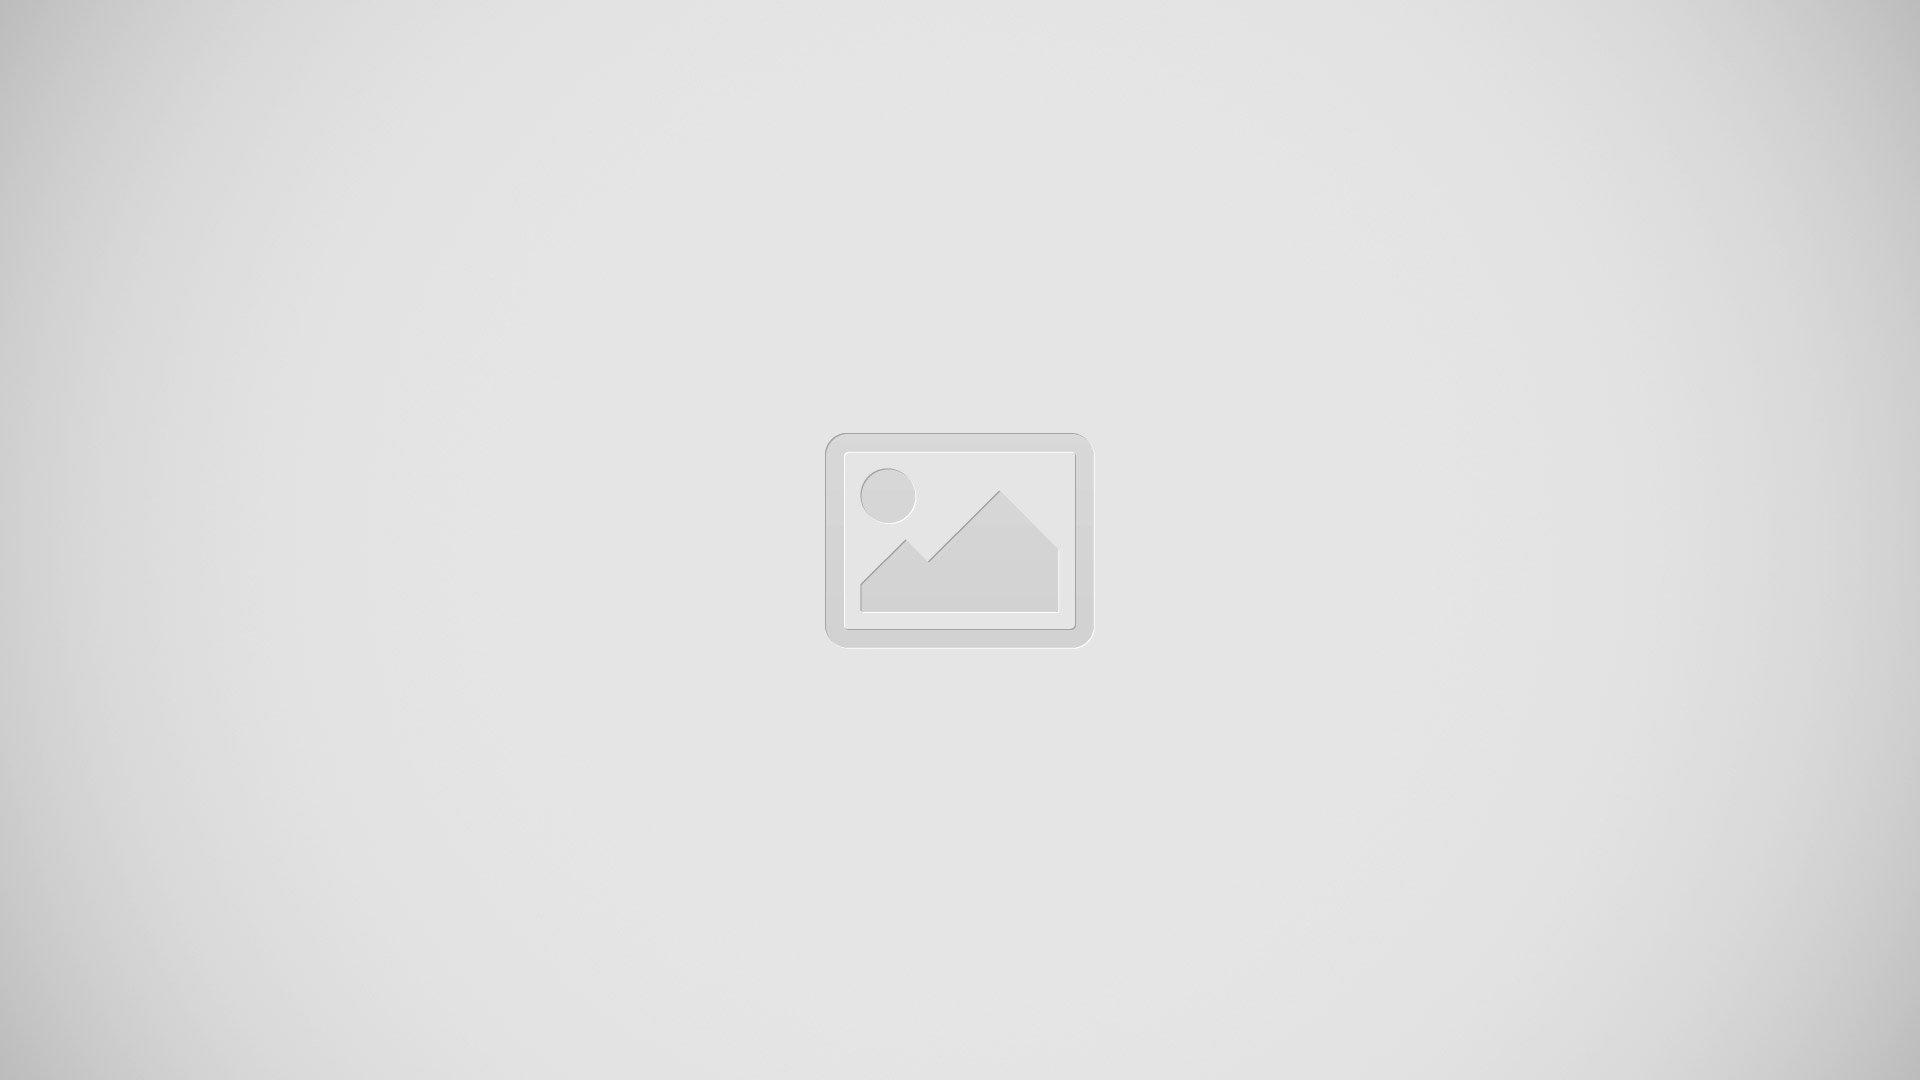 2019-acura-ilx-lead-image-1536170411